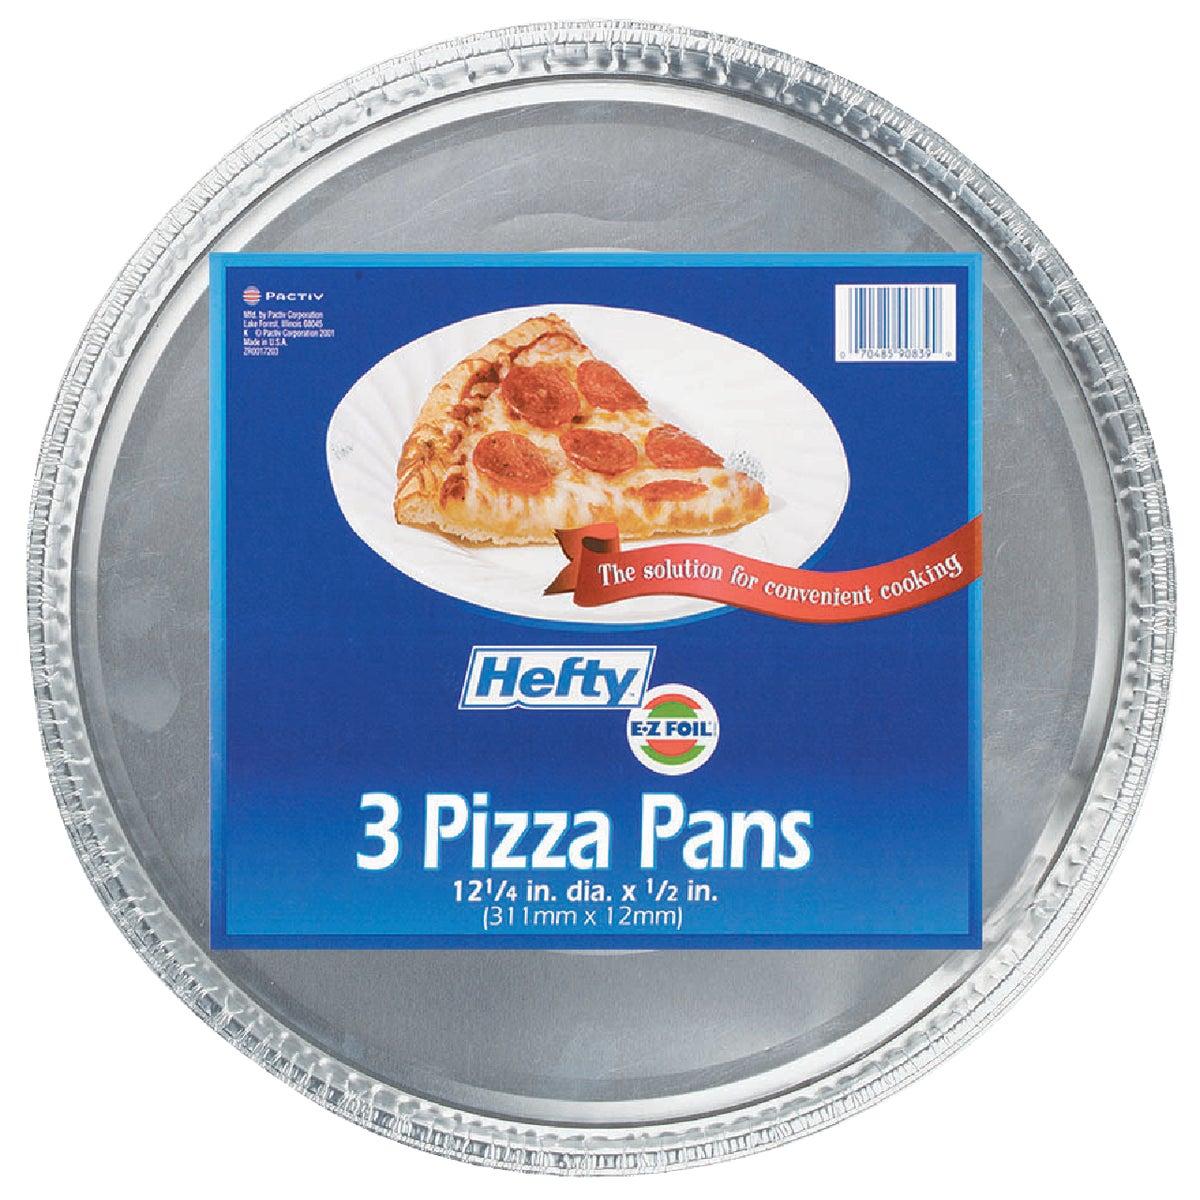 Pactiv/E Z Foil PIZZA PAN 90814